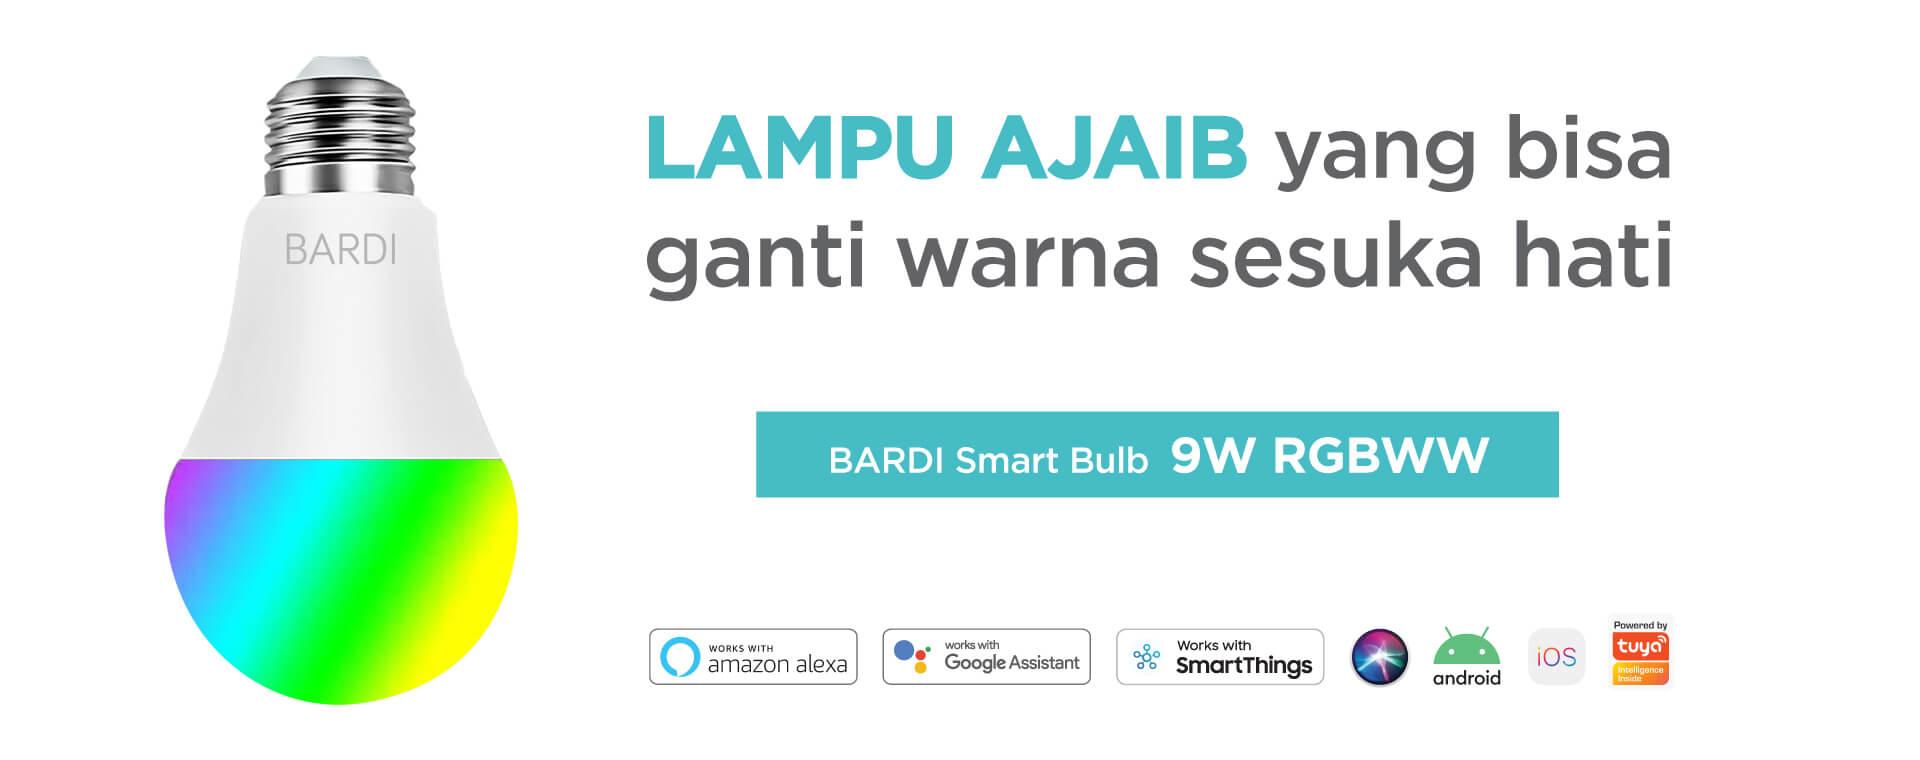 BARDI Smart Bulb 9W RGBWW Homepage Banner 1920x760 A (1)